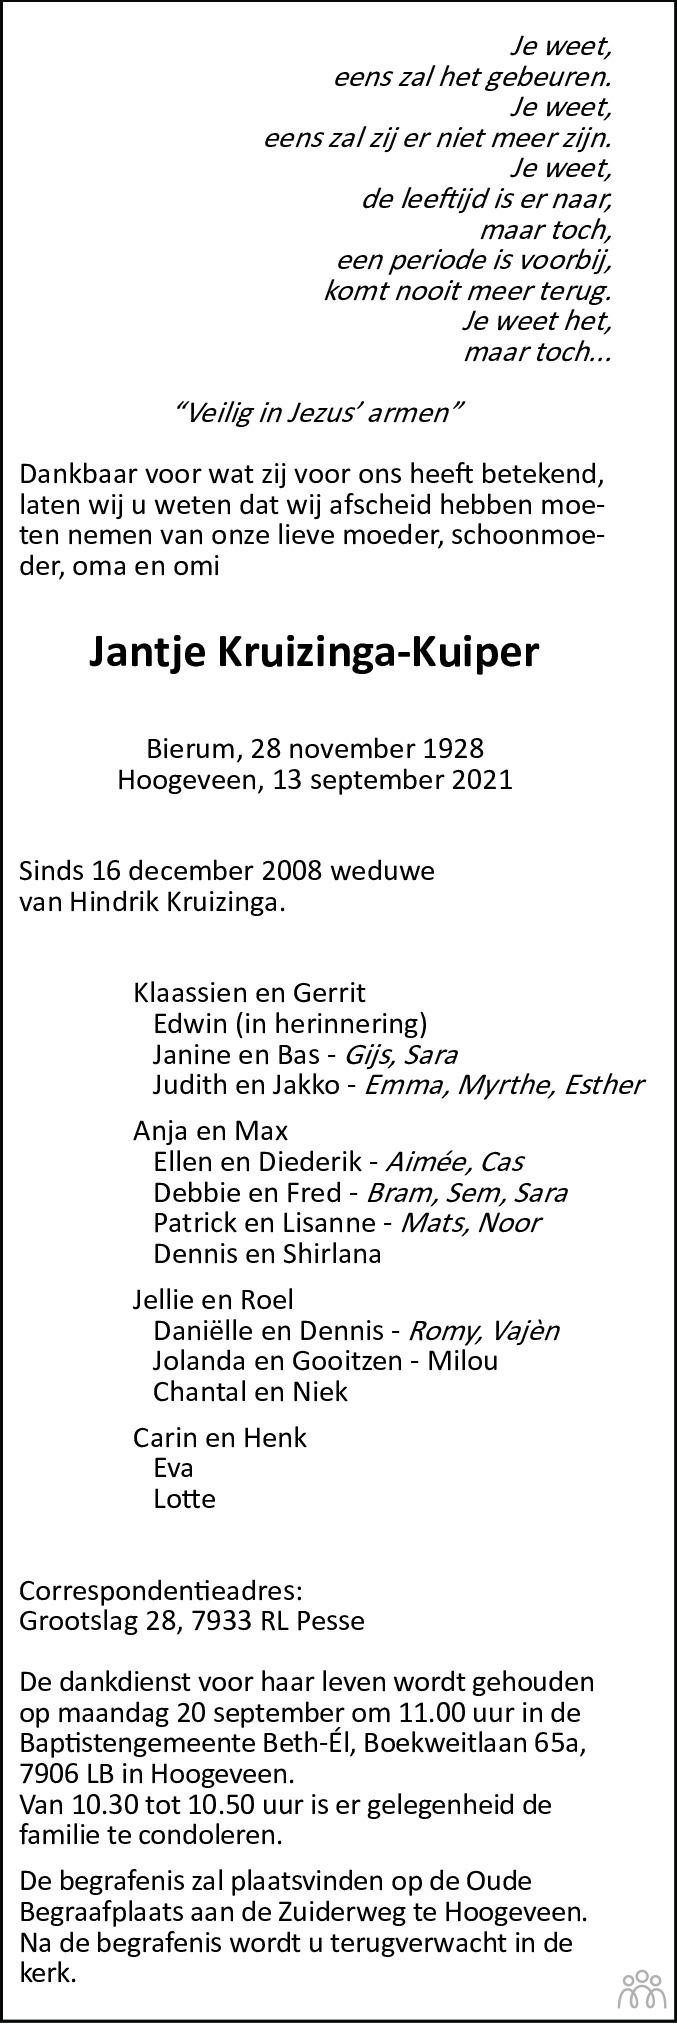 Overlijdensbericht van Jantje Kruizinga-Kuiper in Hoogeveensche Courant